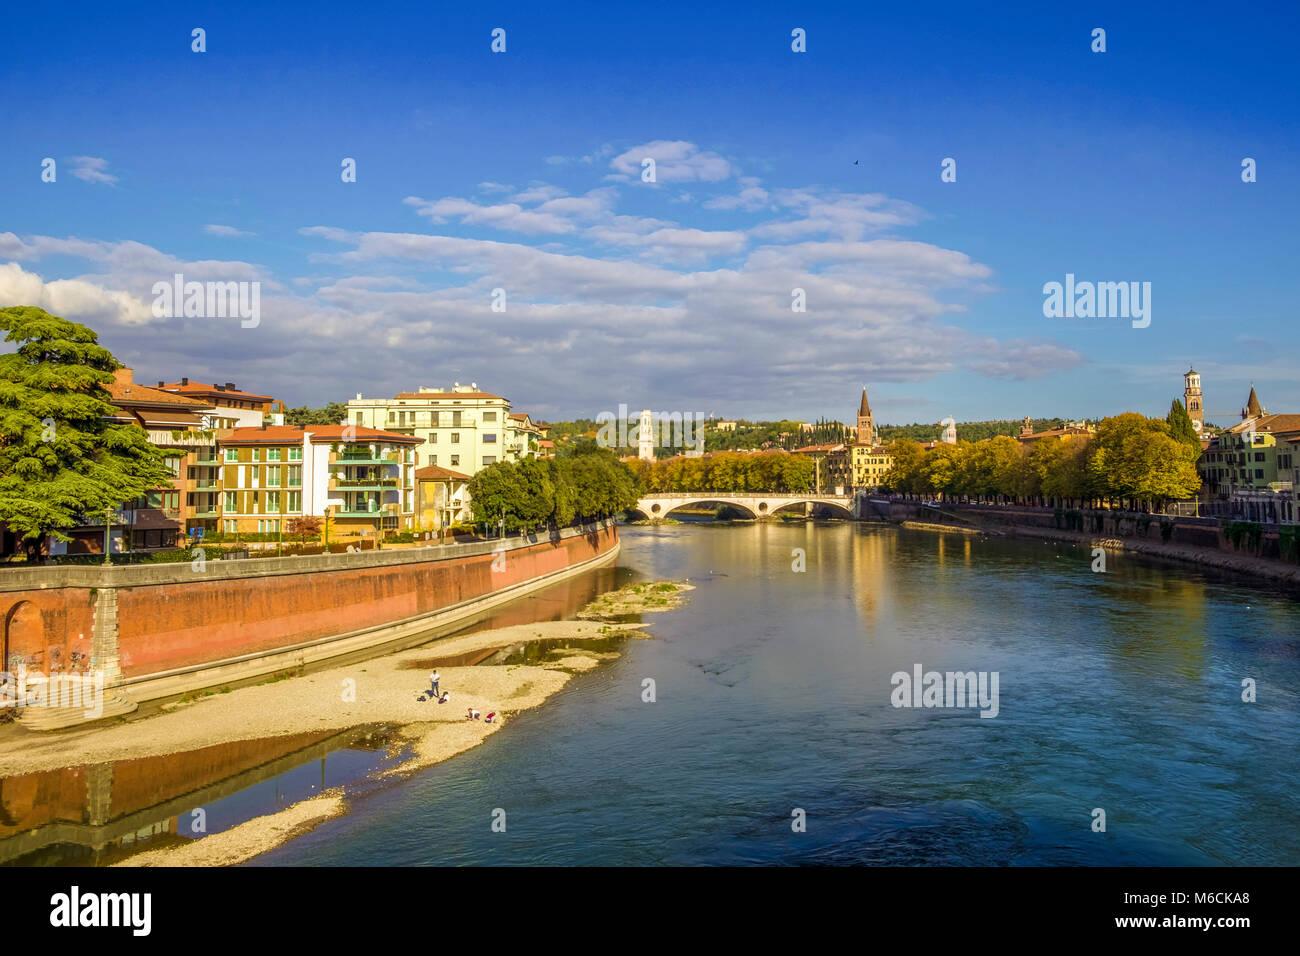 Adige River in Verona, Italy - Stock Image